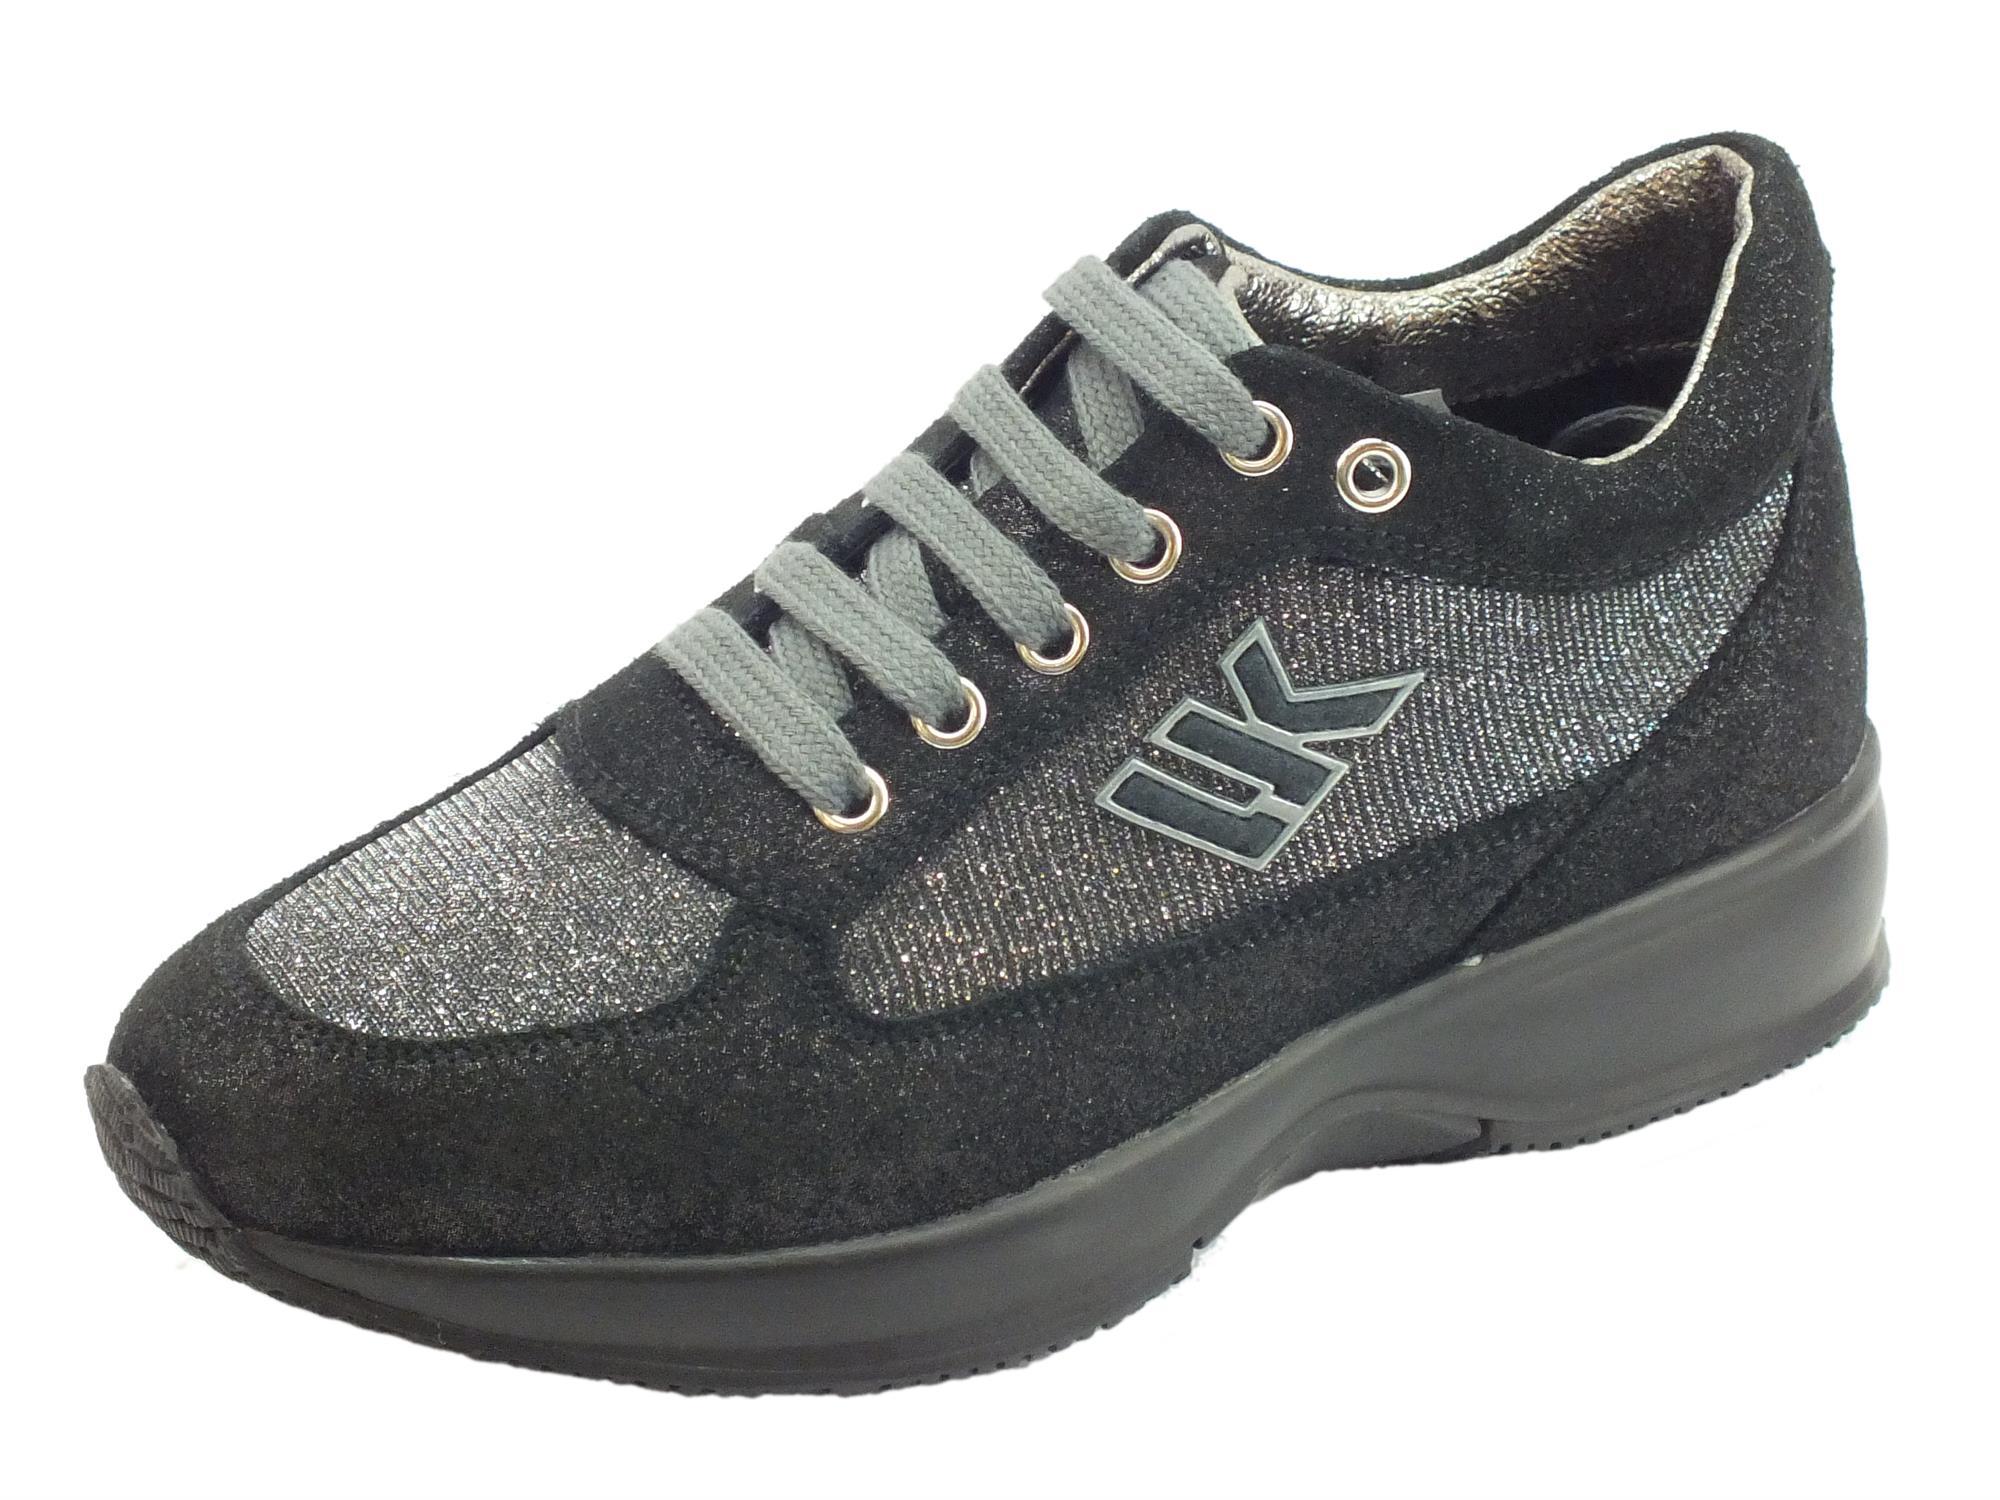 Sneakers Lumberjack Raul per donna in scamosciato grigio scuro e tessuto  chiaro brillantinoso 0177c1c67b8